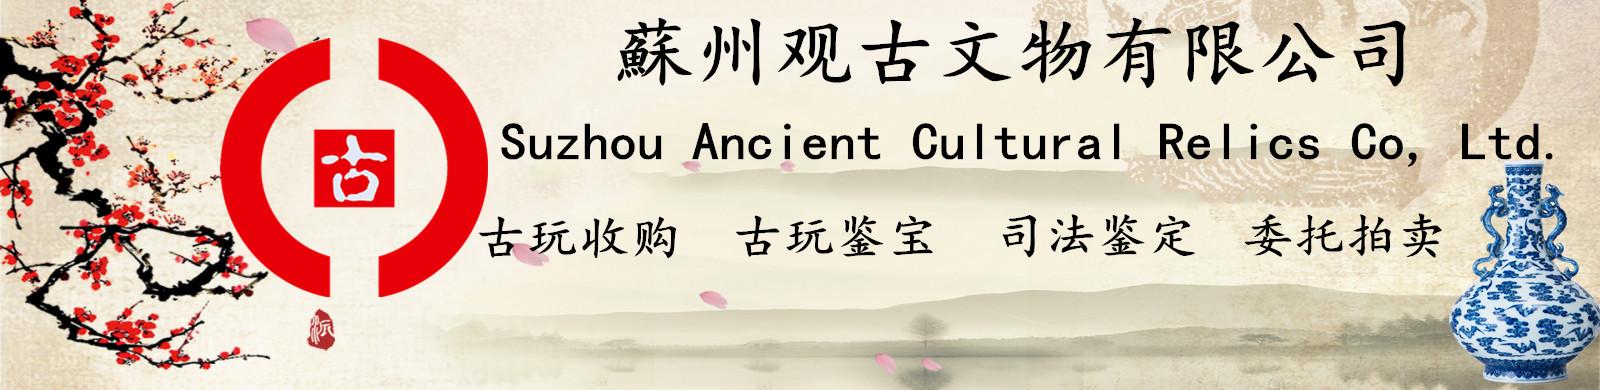 苏州观古文物古有限公司是什么样的?